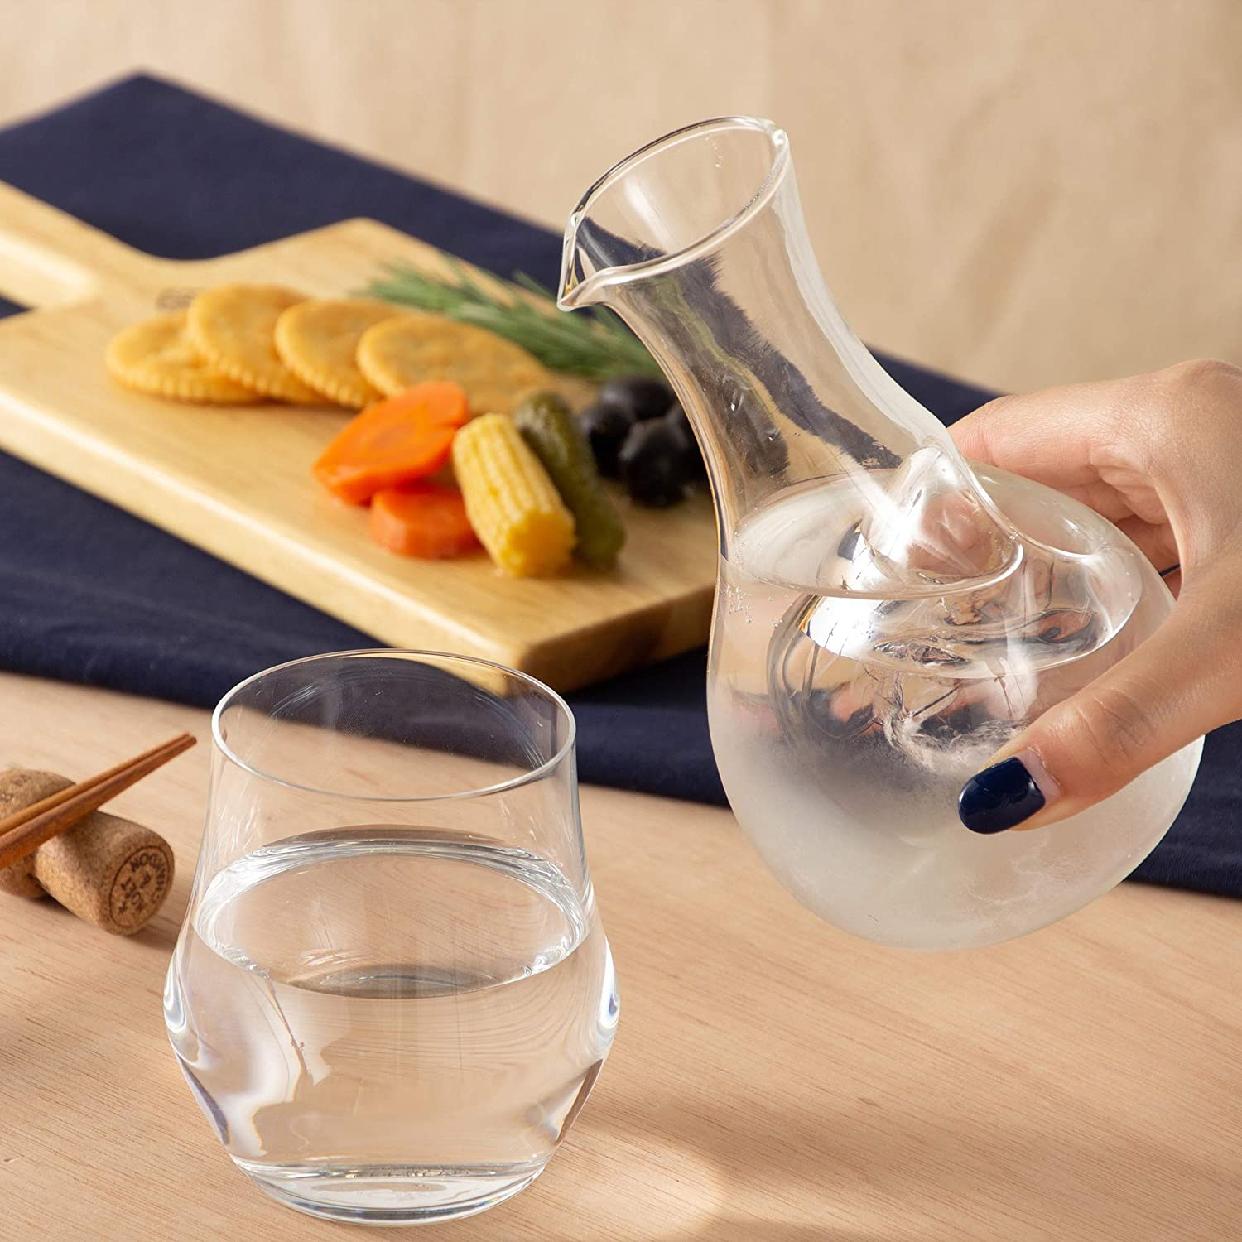 TAMAKI(タマキ)冷酒器の商品画像5